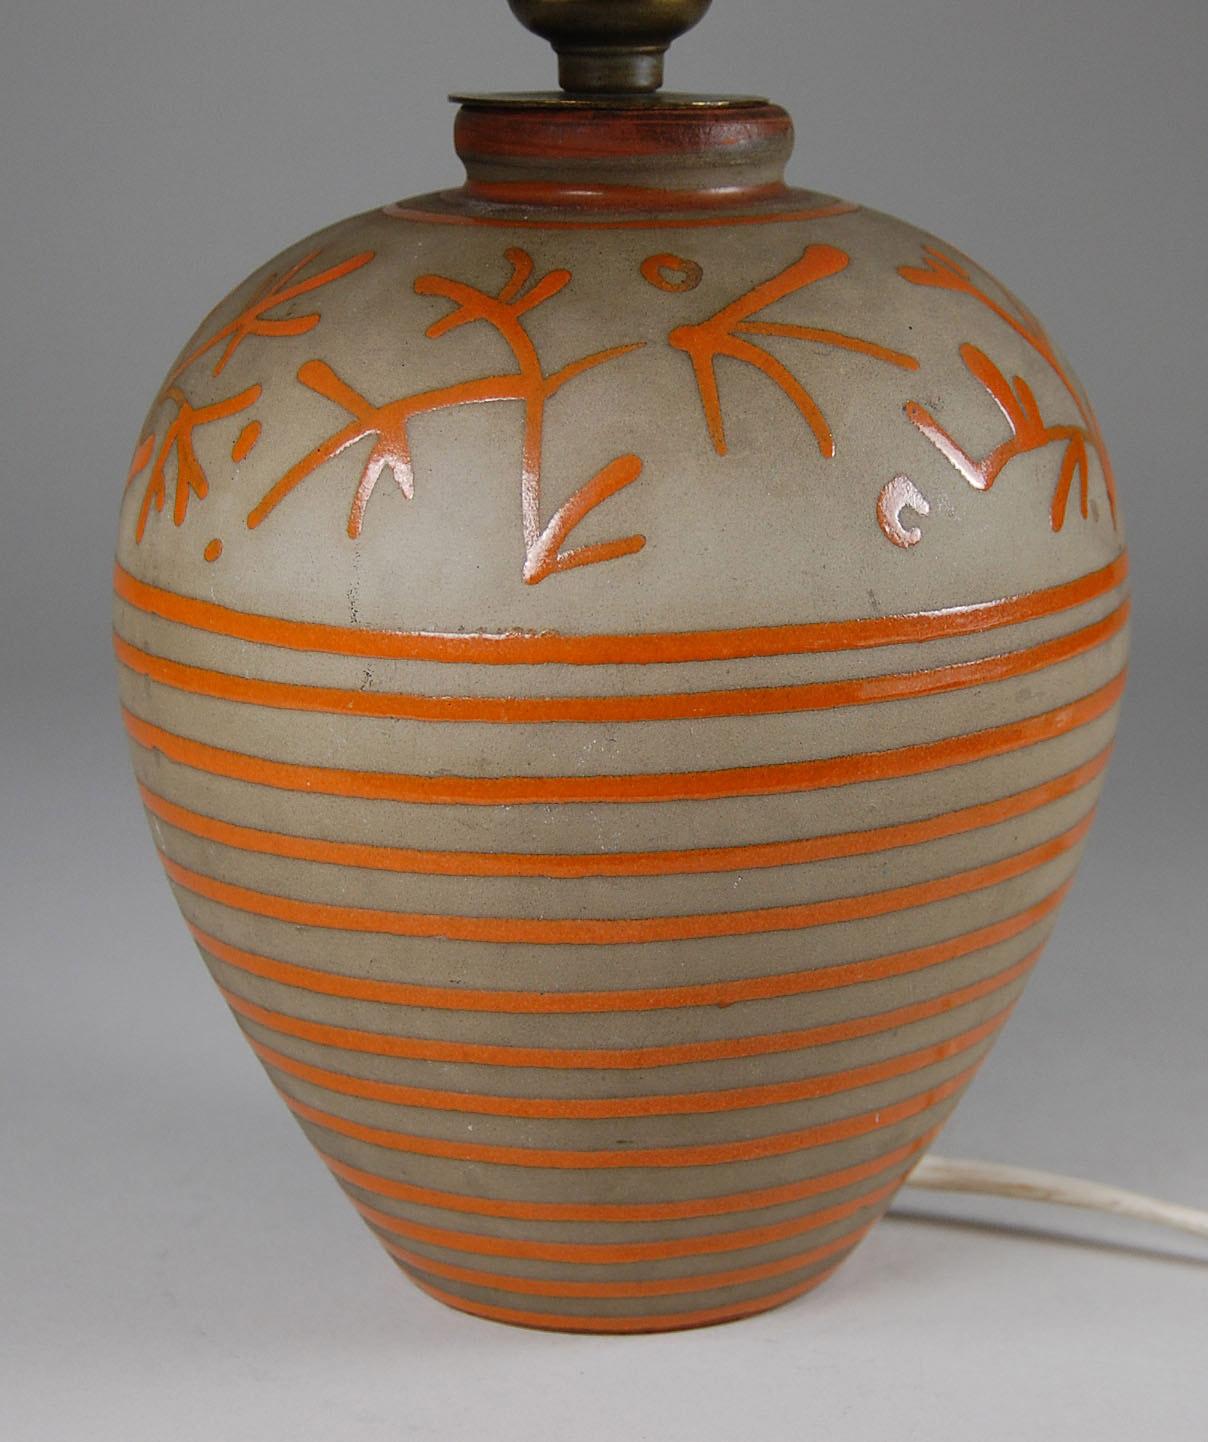 Nittsj keramik tischleuchte for Keramik tischleuchte